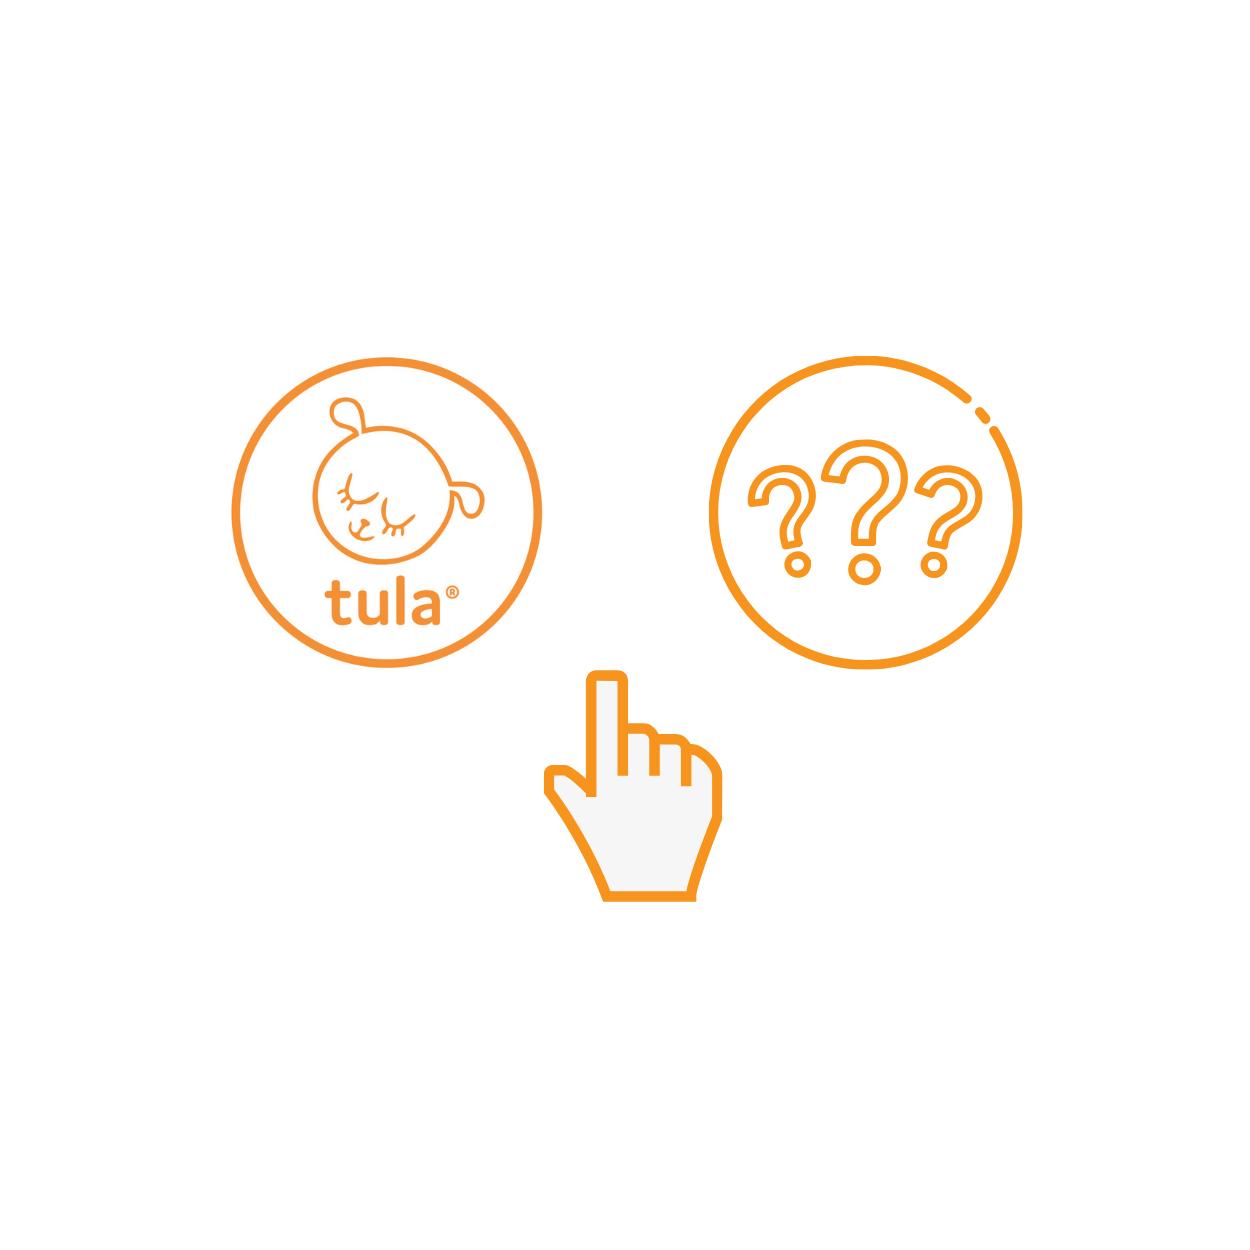 Tula choice